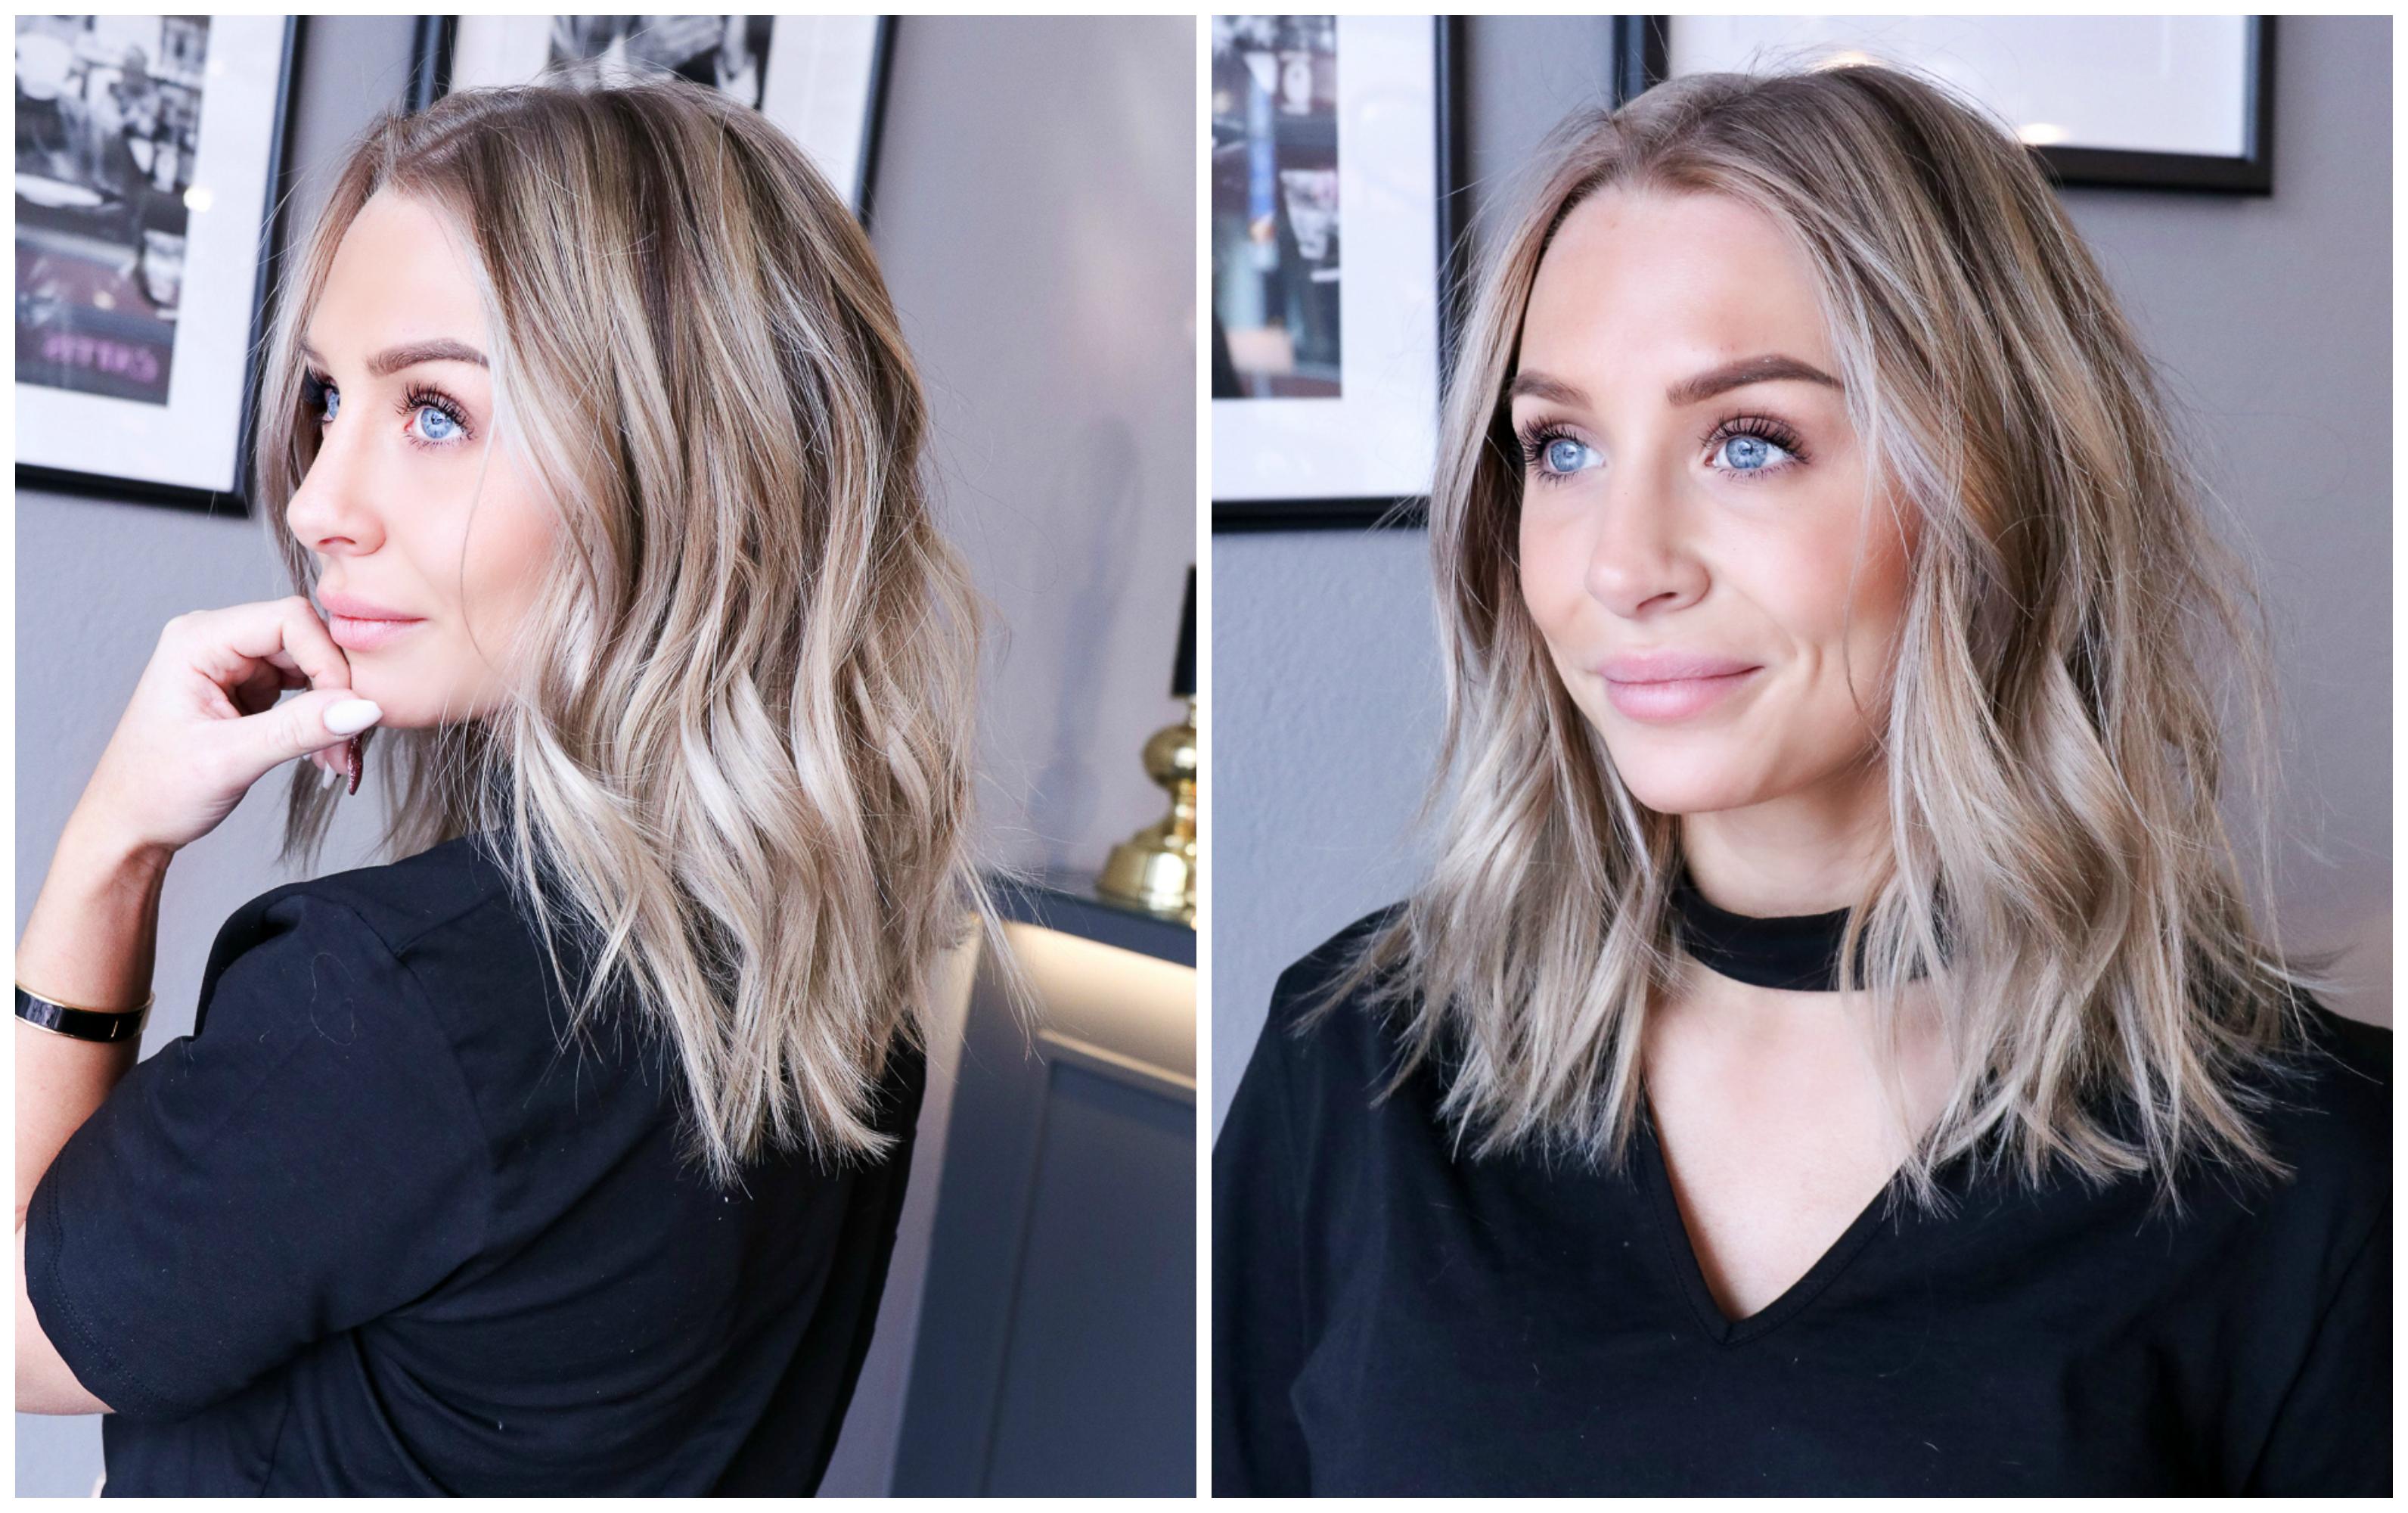 hur blir håret längre